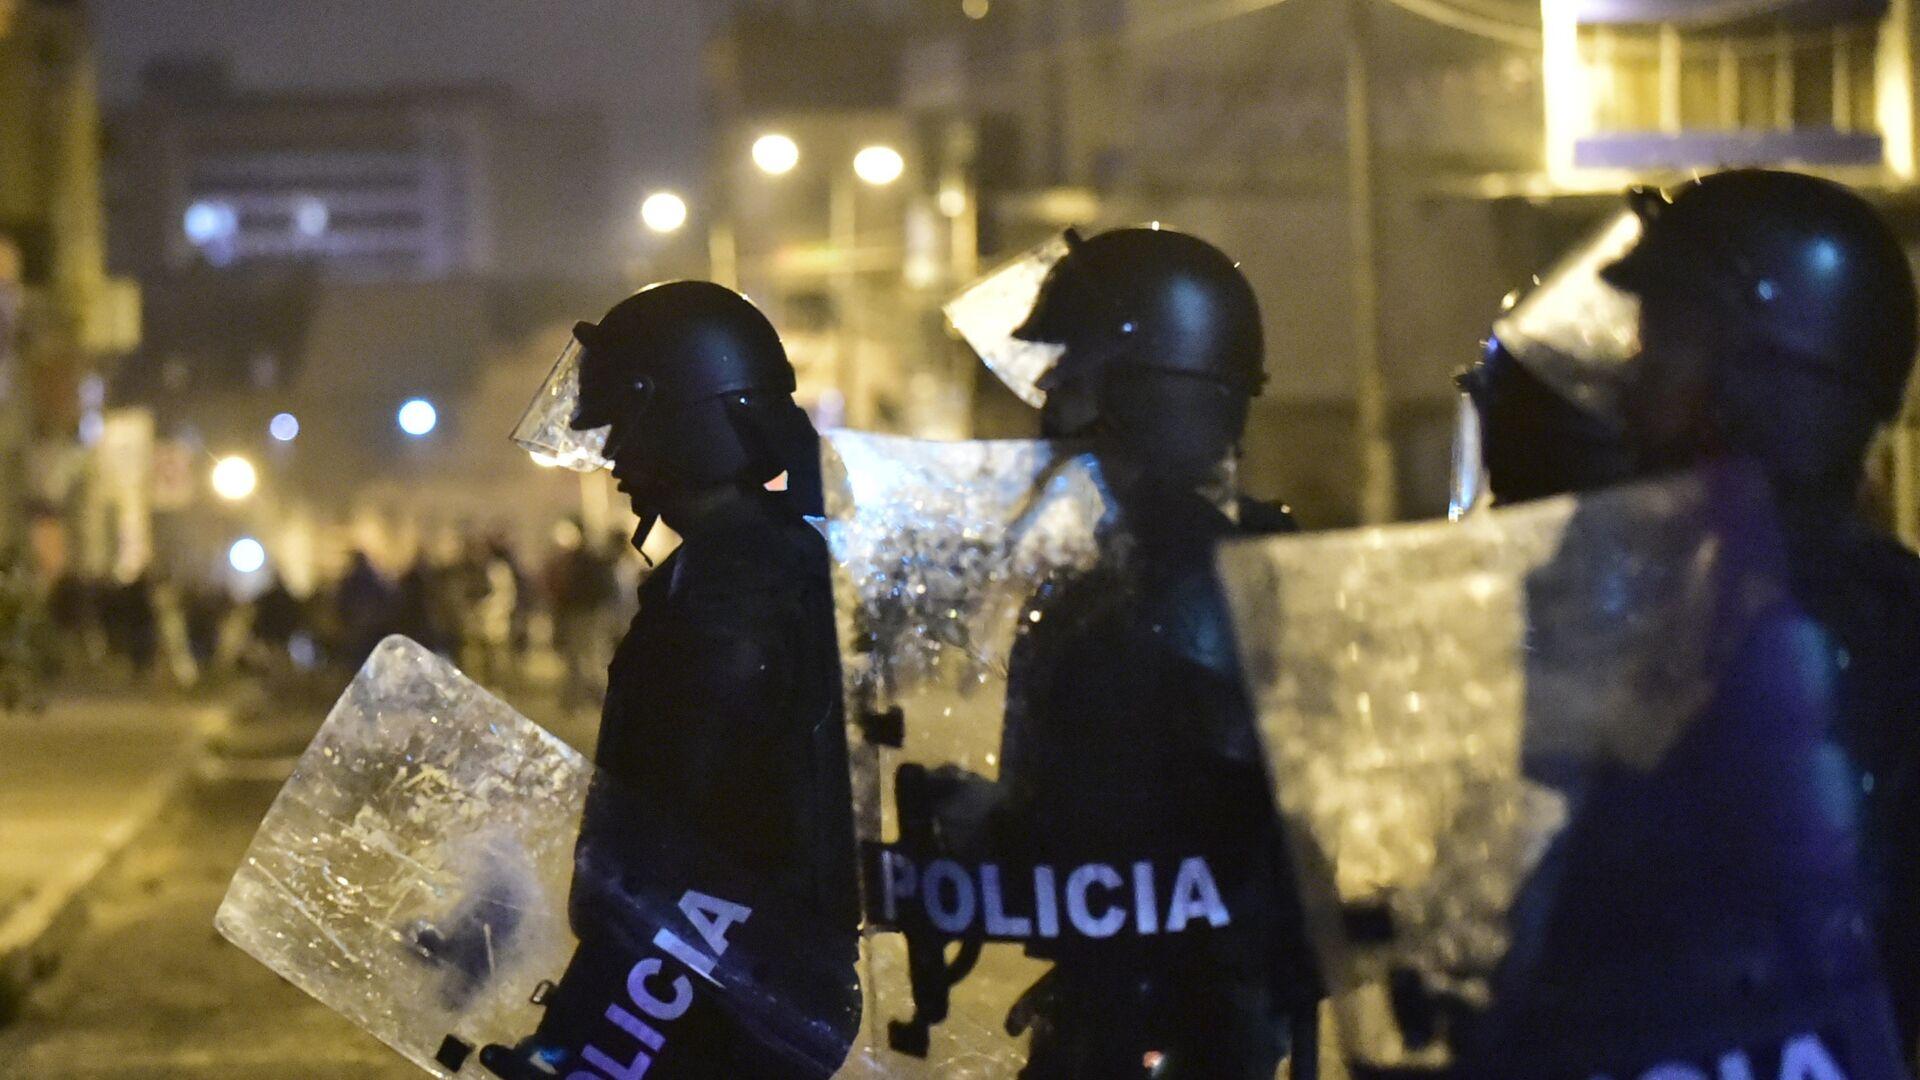 Policía de Ecuador - Sputnik Mundo, 1920, 03.03.2021